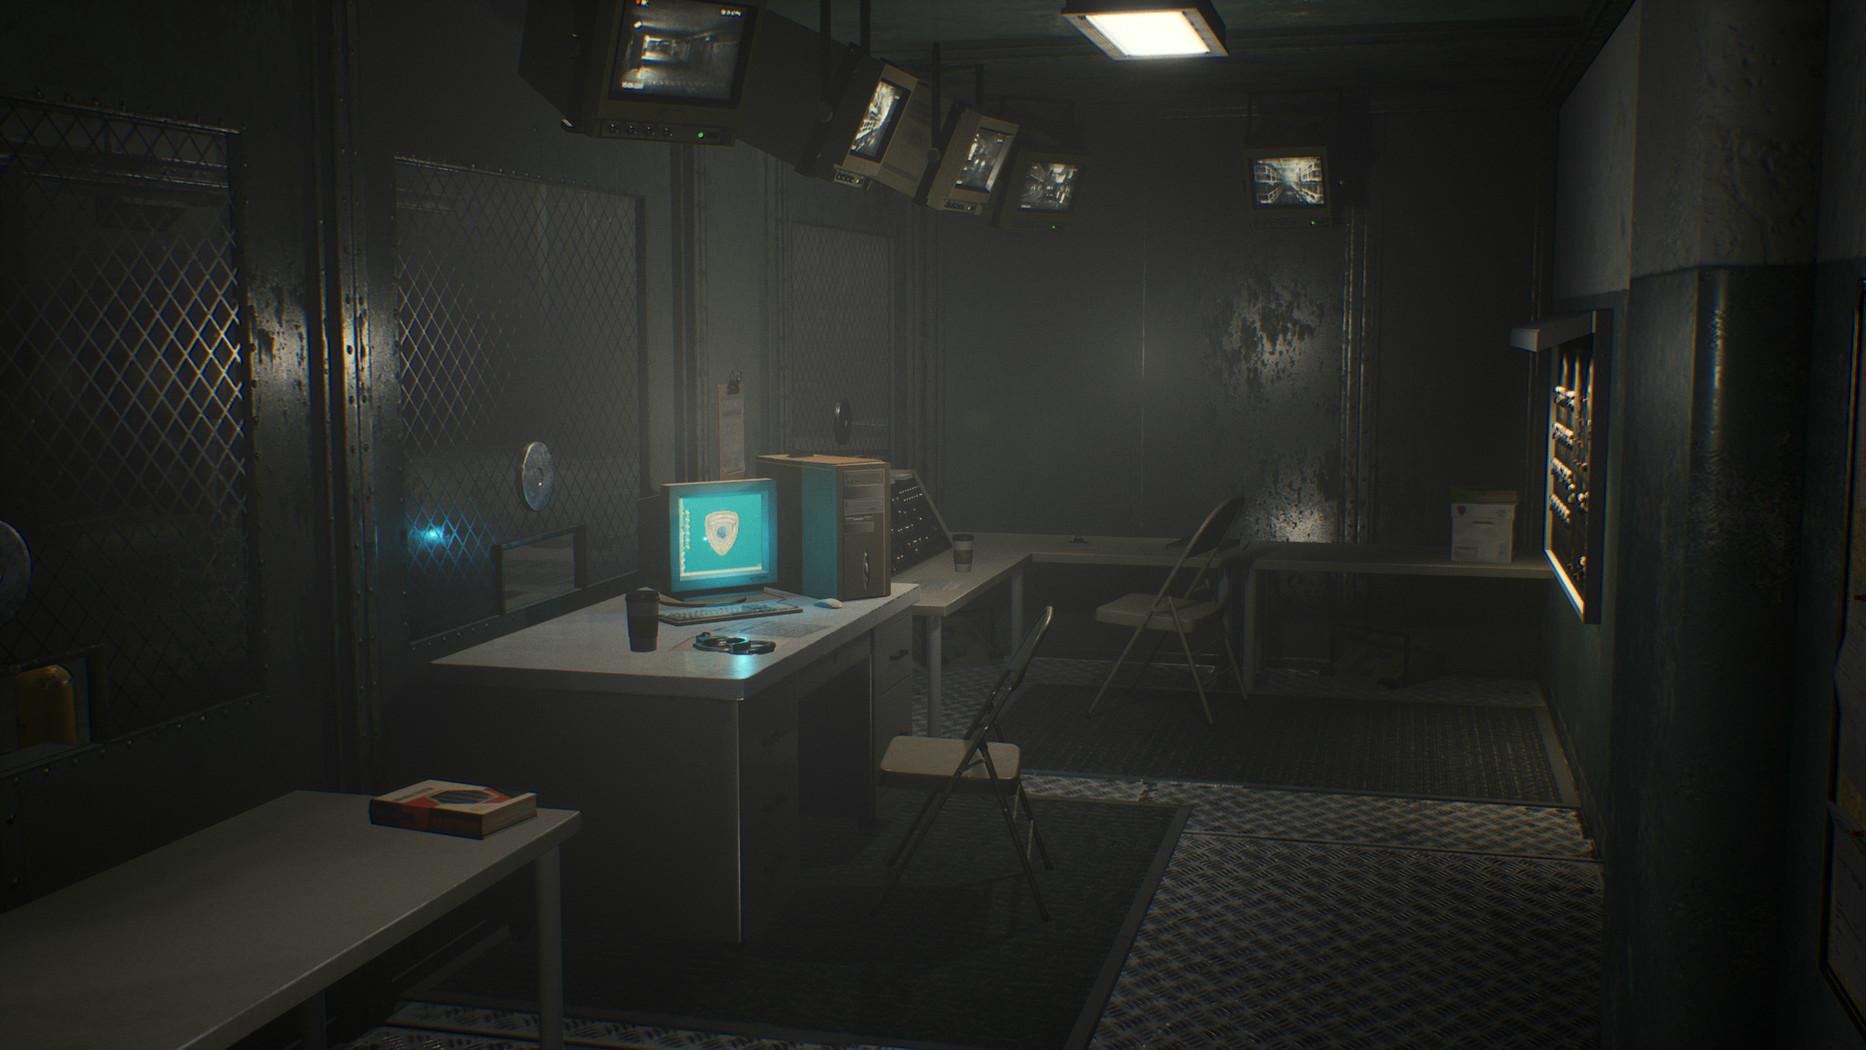 《临终:1983》将在PS5上支持光追 目标为4K和60FPS(2)